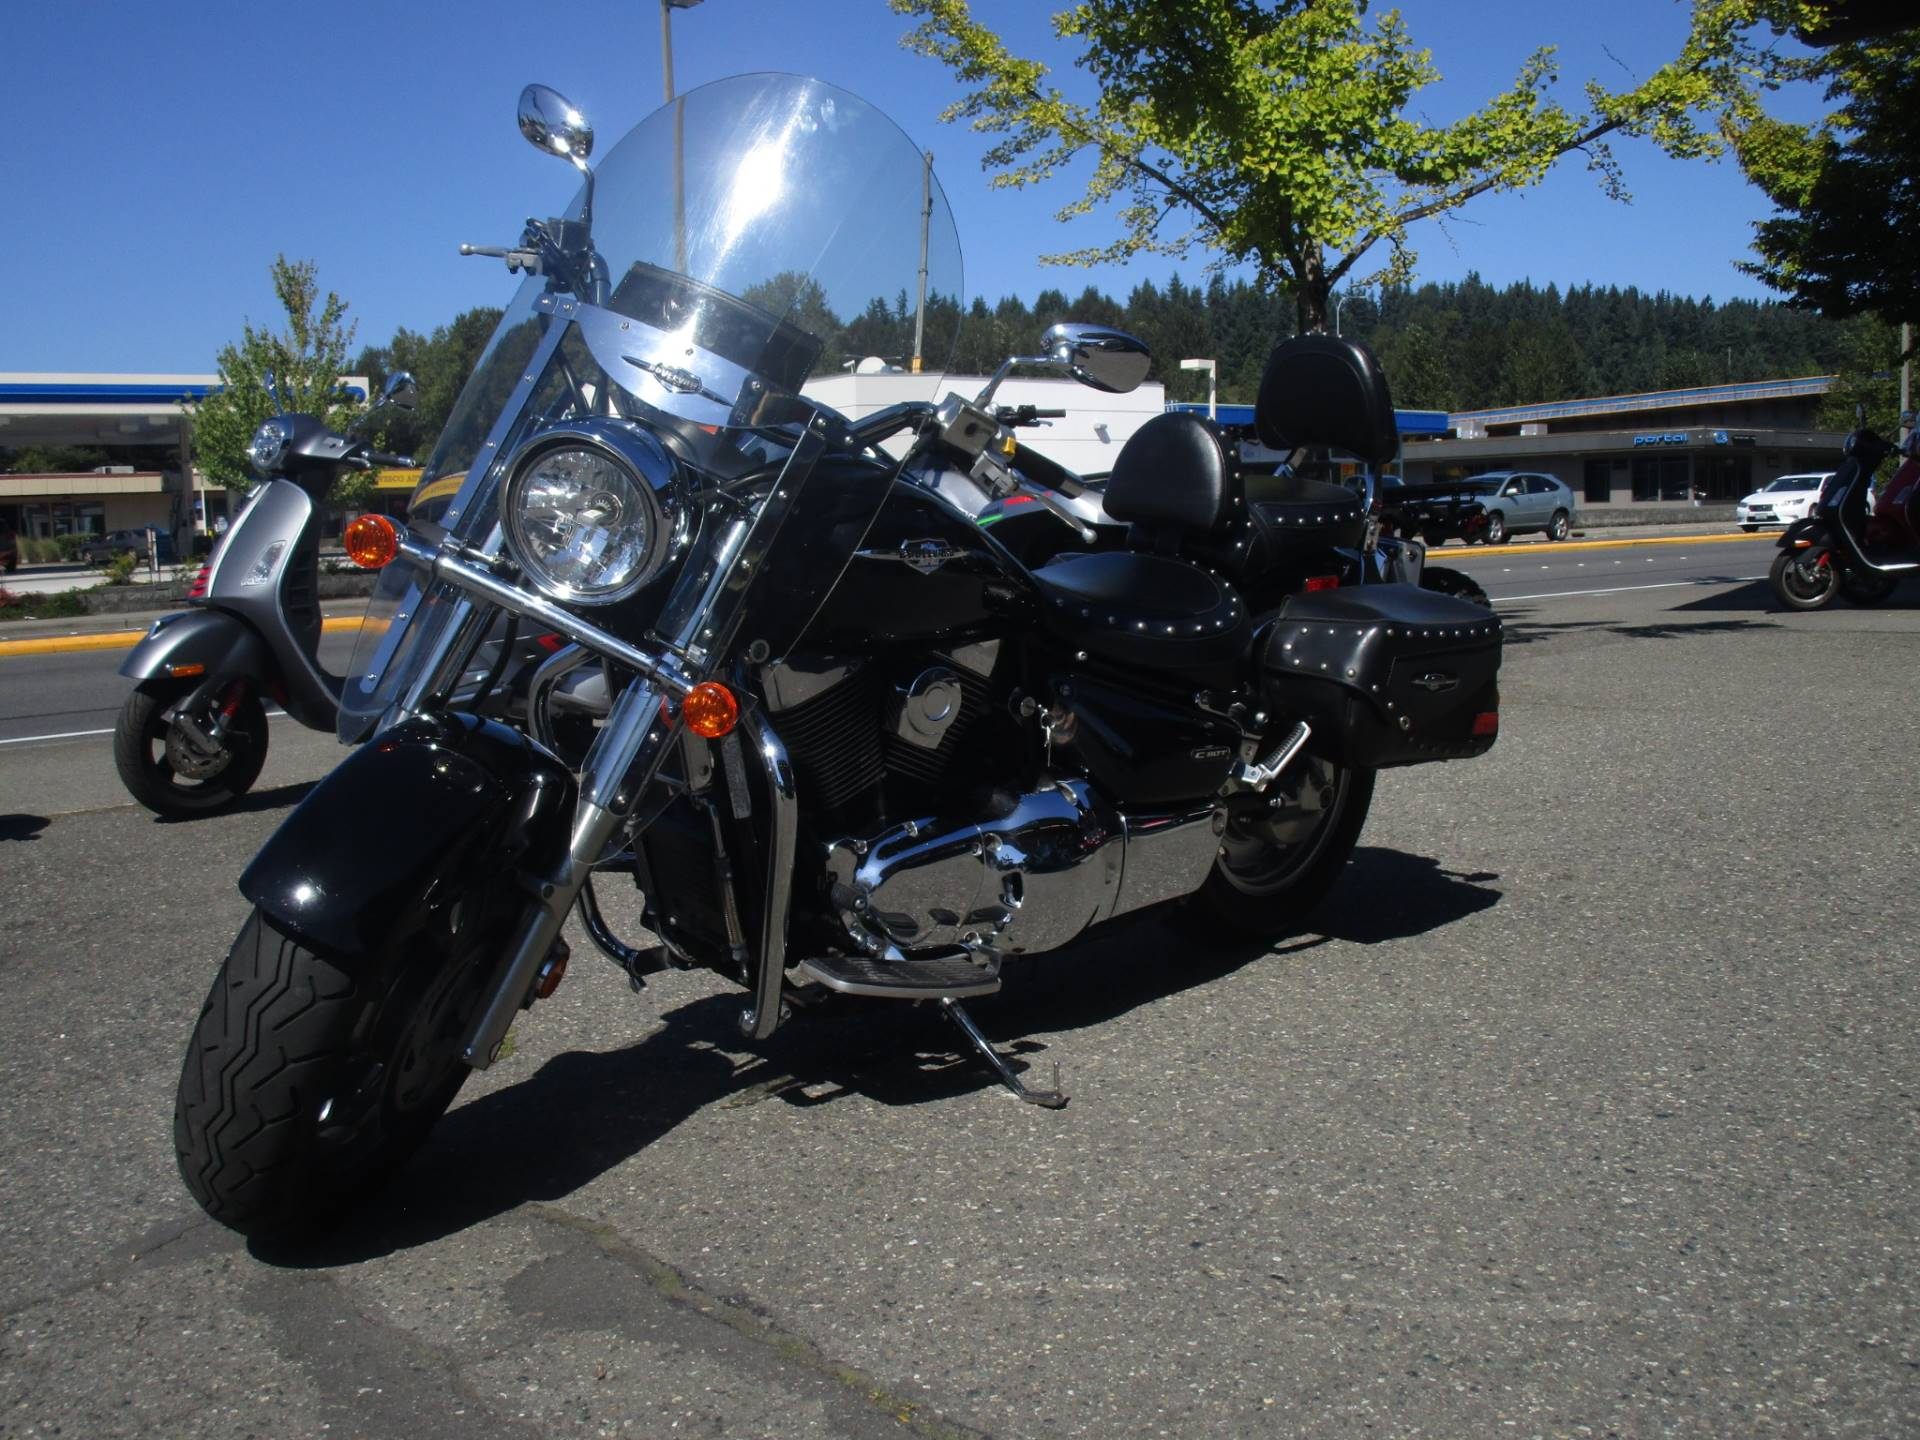 2006 Suzuki Boulevard C90T in Bellevue, Washington